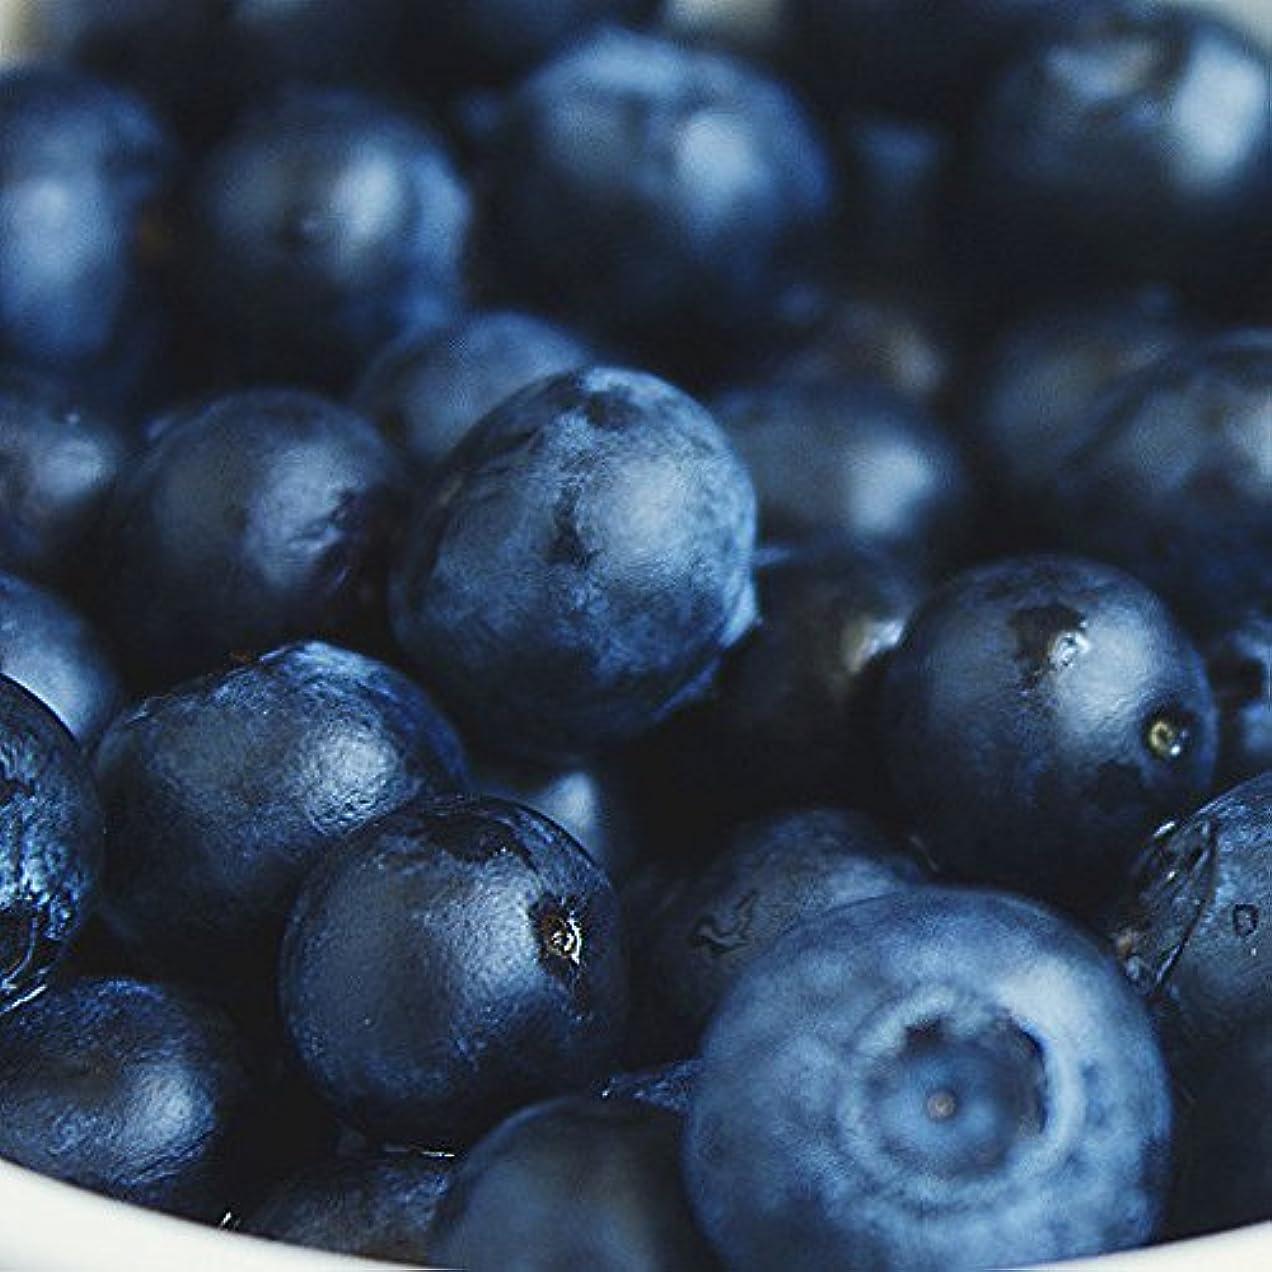 前あいさつ洞察力ミートガイ 冷凍ブルーベリー 業務用 (1kg) 100%無添加 Additive-free Frozen Blueberries